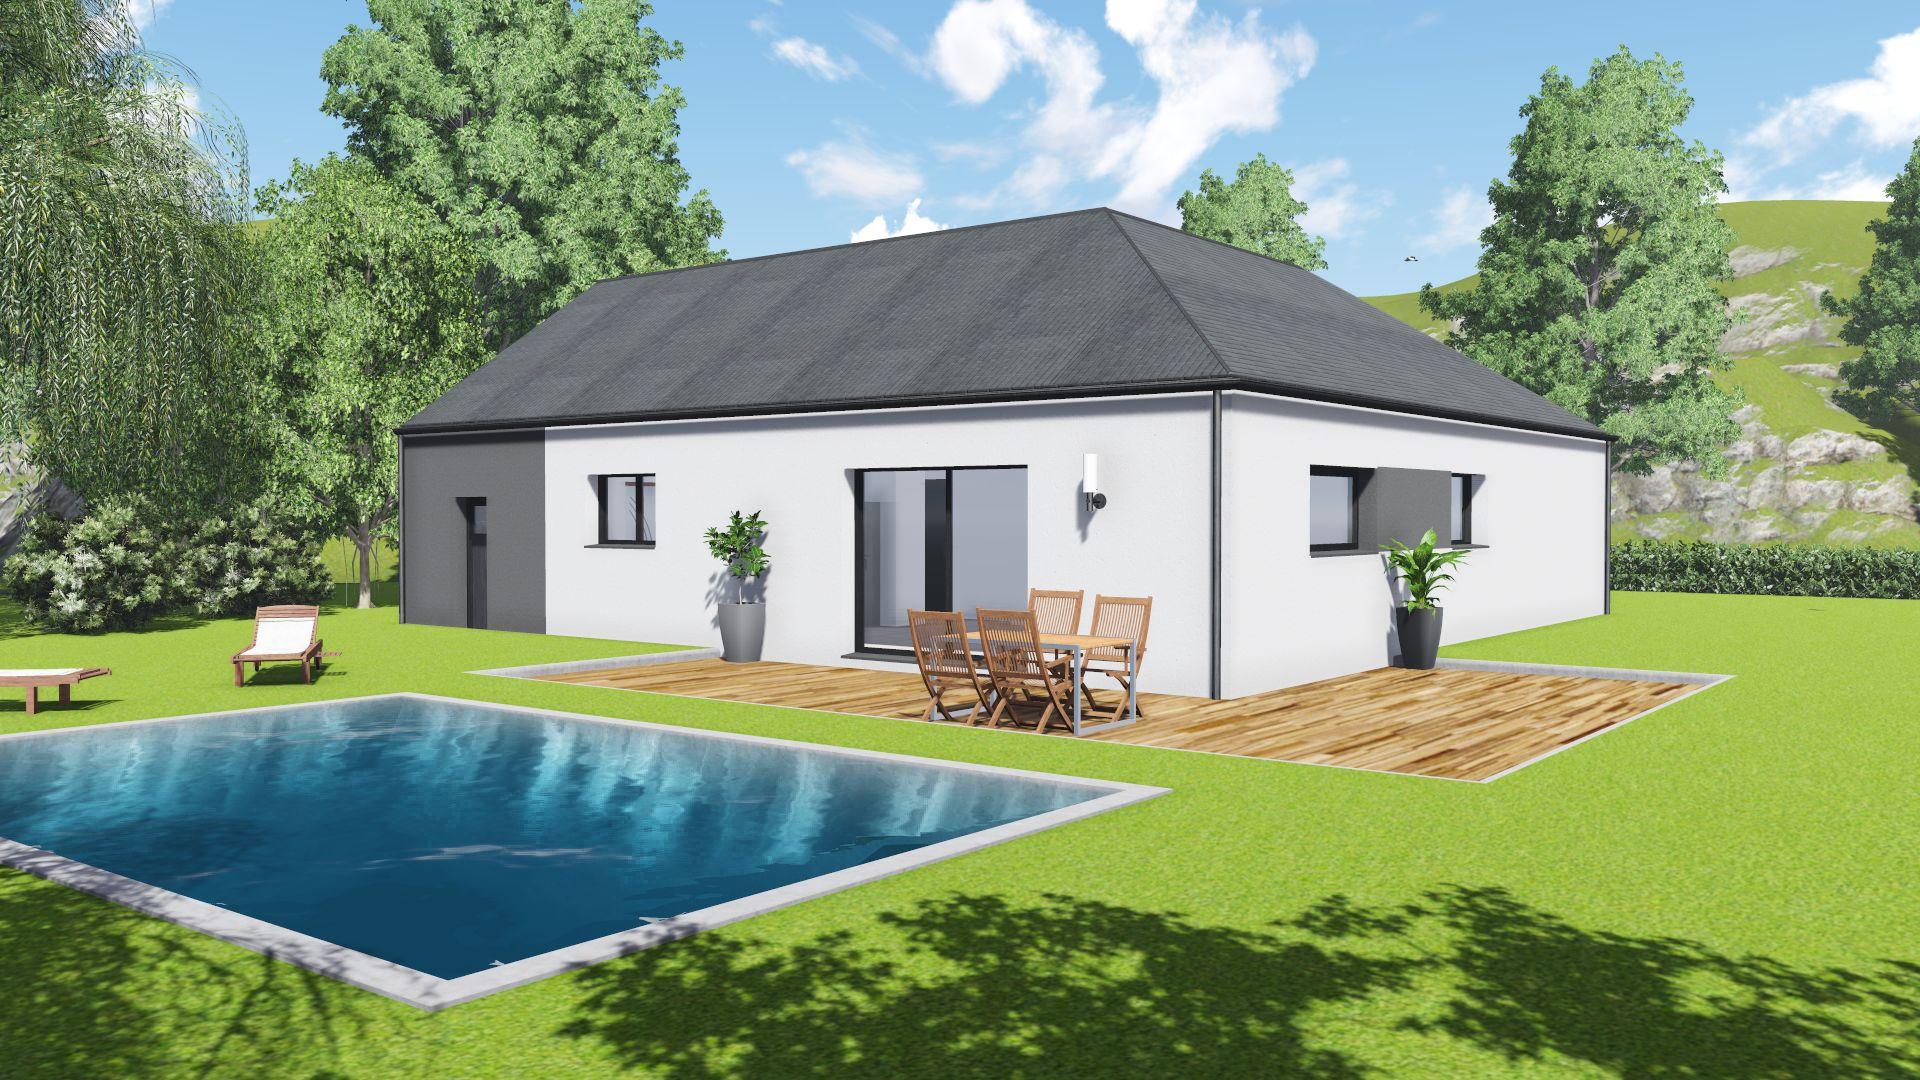 maison mod le belle ile 3 chambres garage creactuel. Black Bedroom Furniture Sets. Home Design Ideas